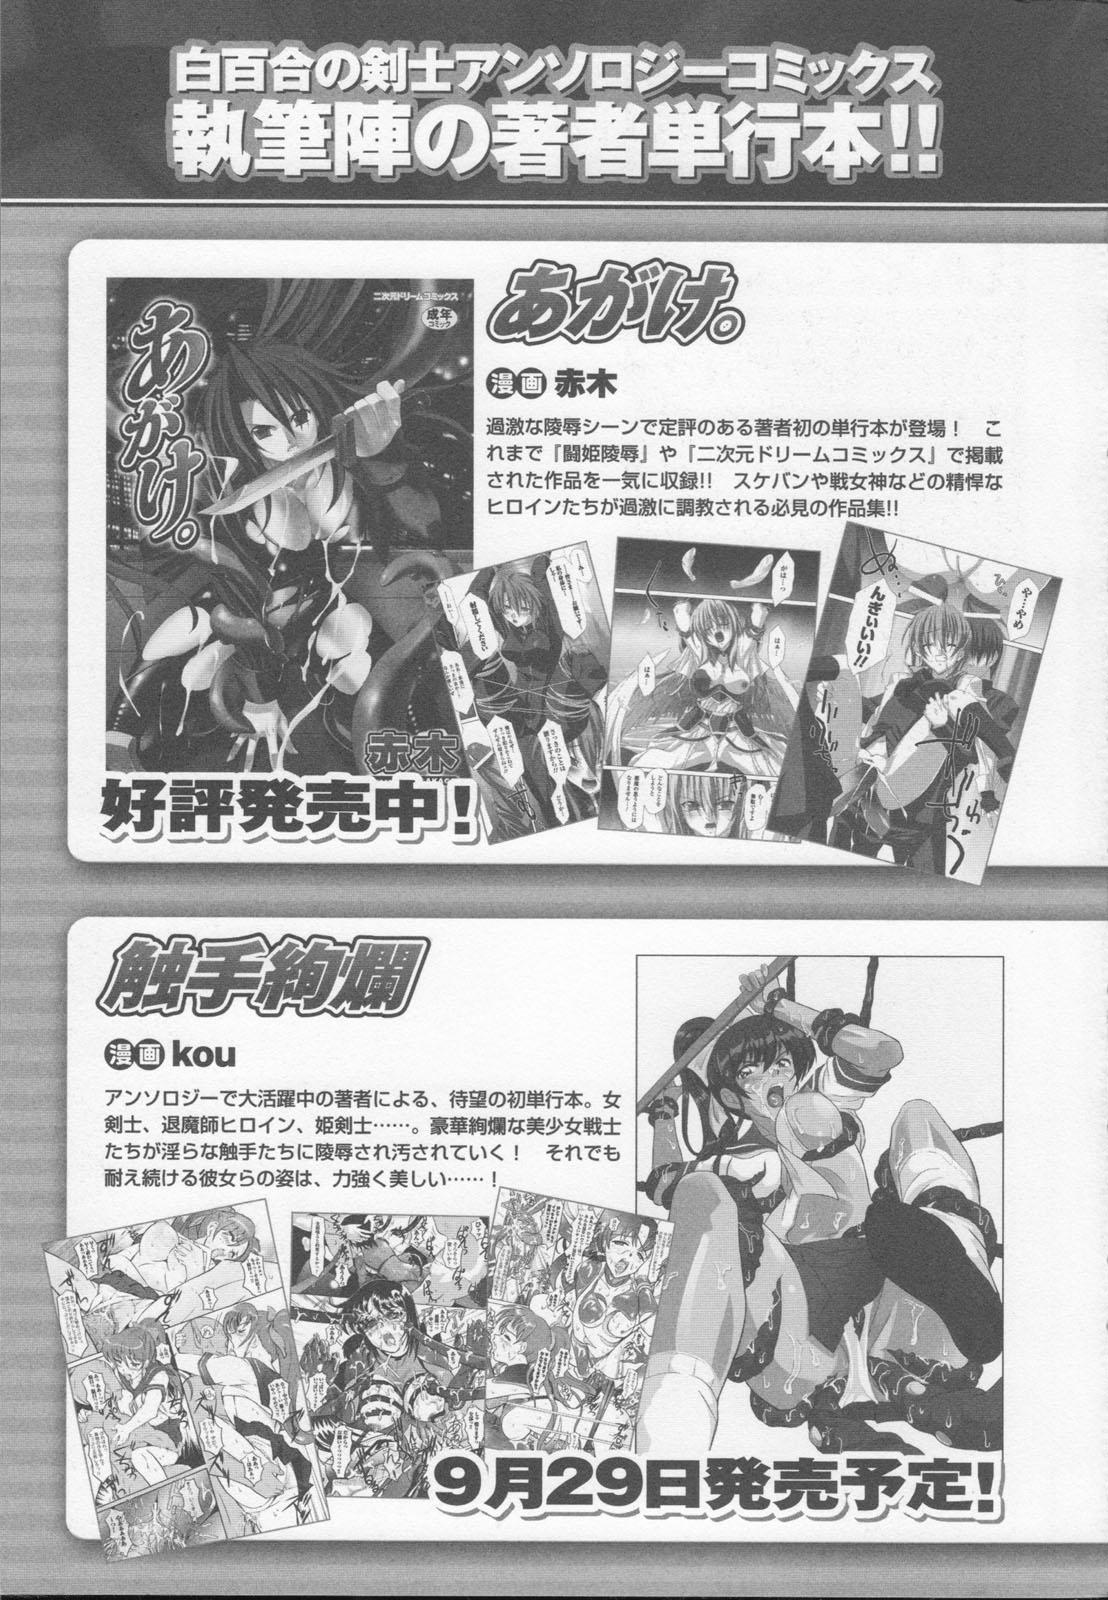 Shirayuri no Kenshi Anthology Comics 164